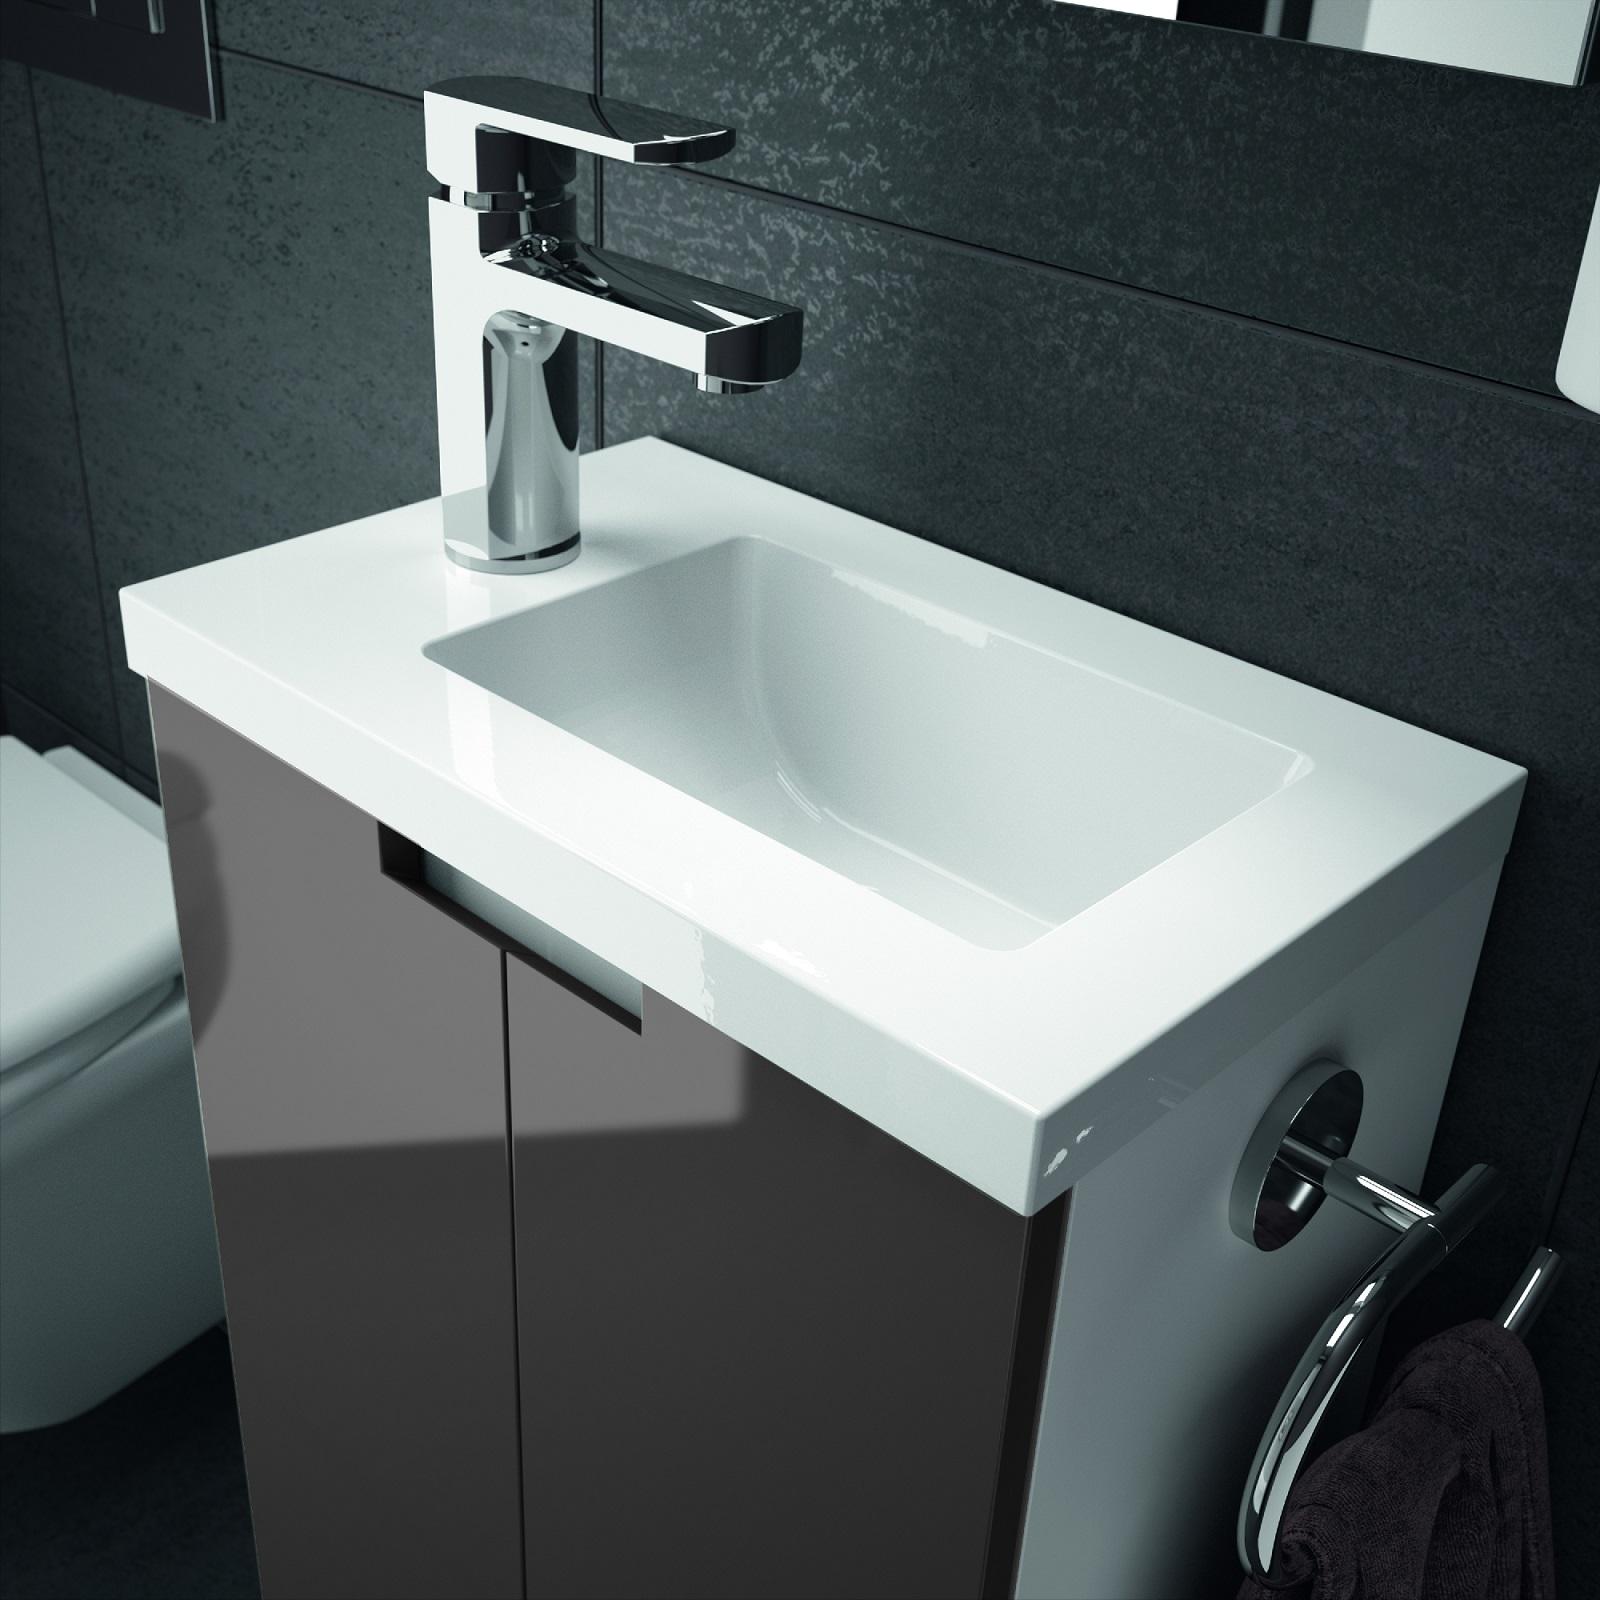 Details zu Badmöbel Set 40 cm Waschbecken mit Unterschrank Gäste WC  vormontiert ALLIBERT